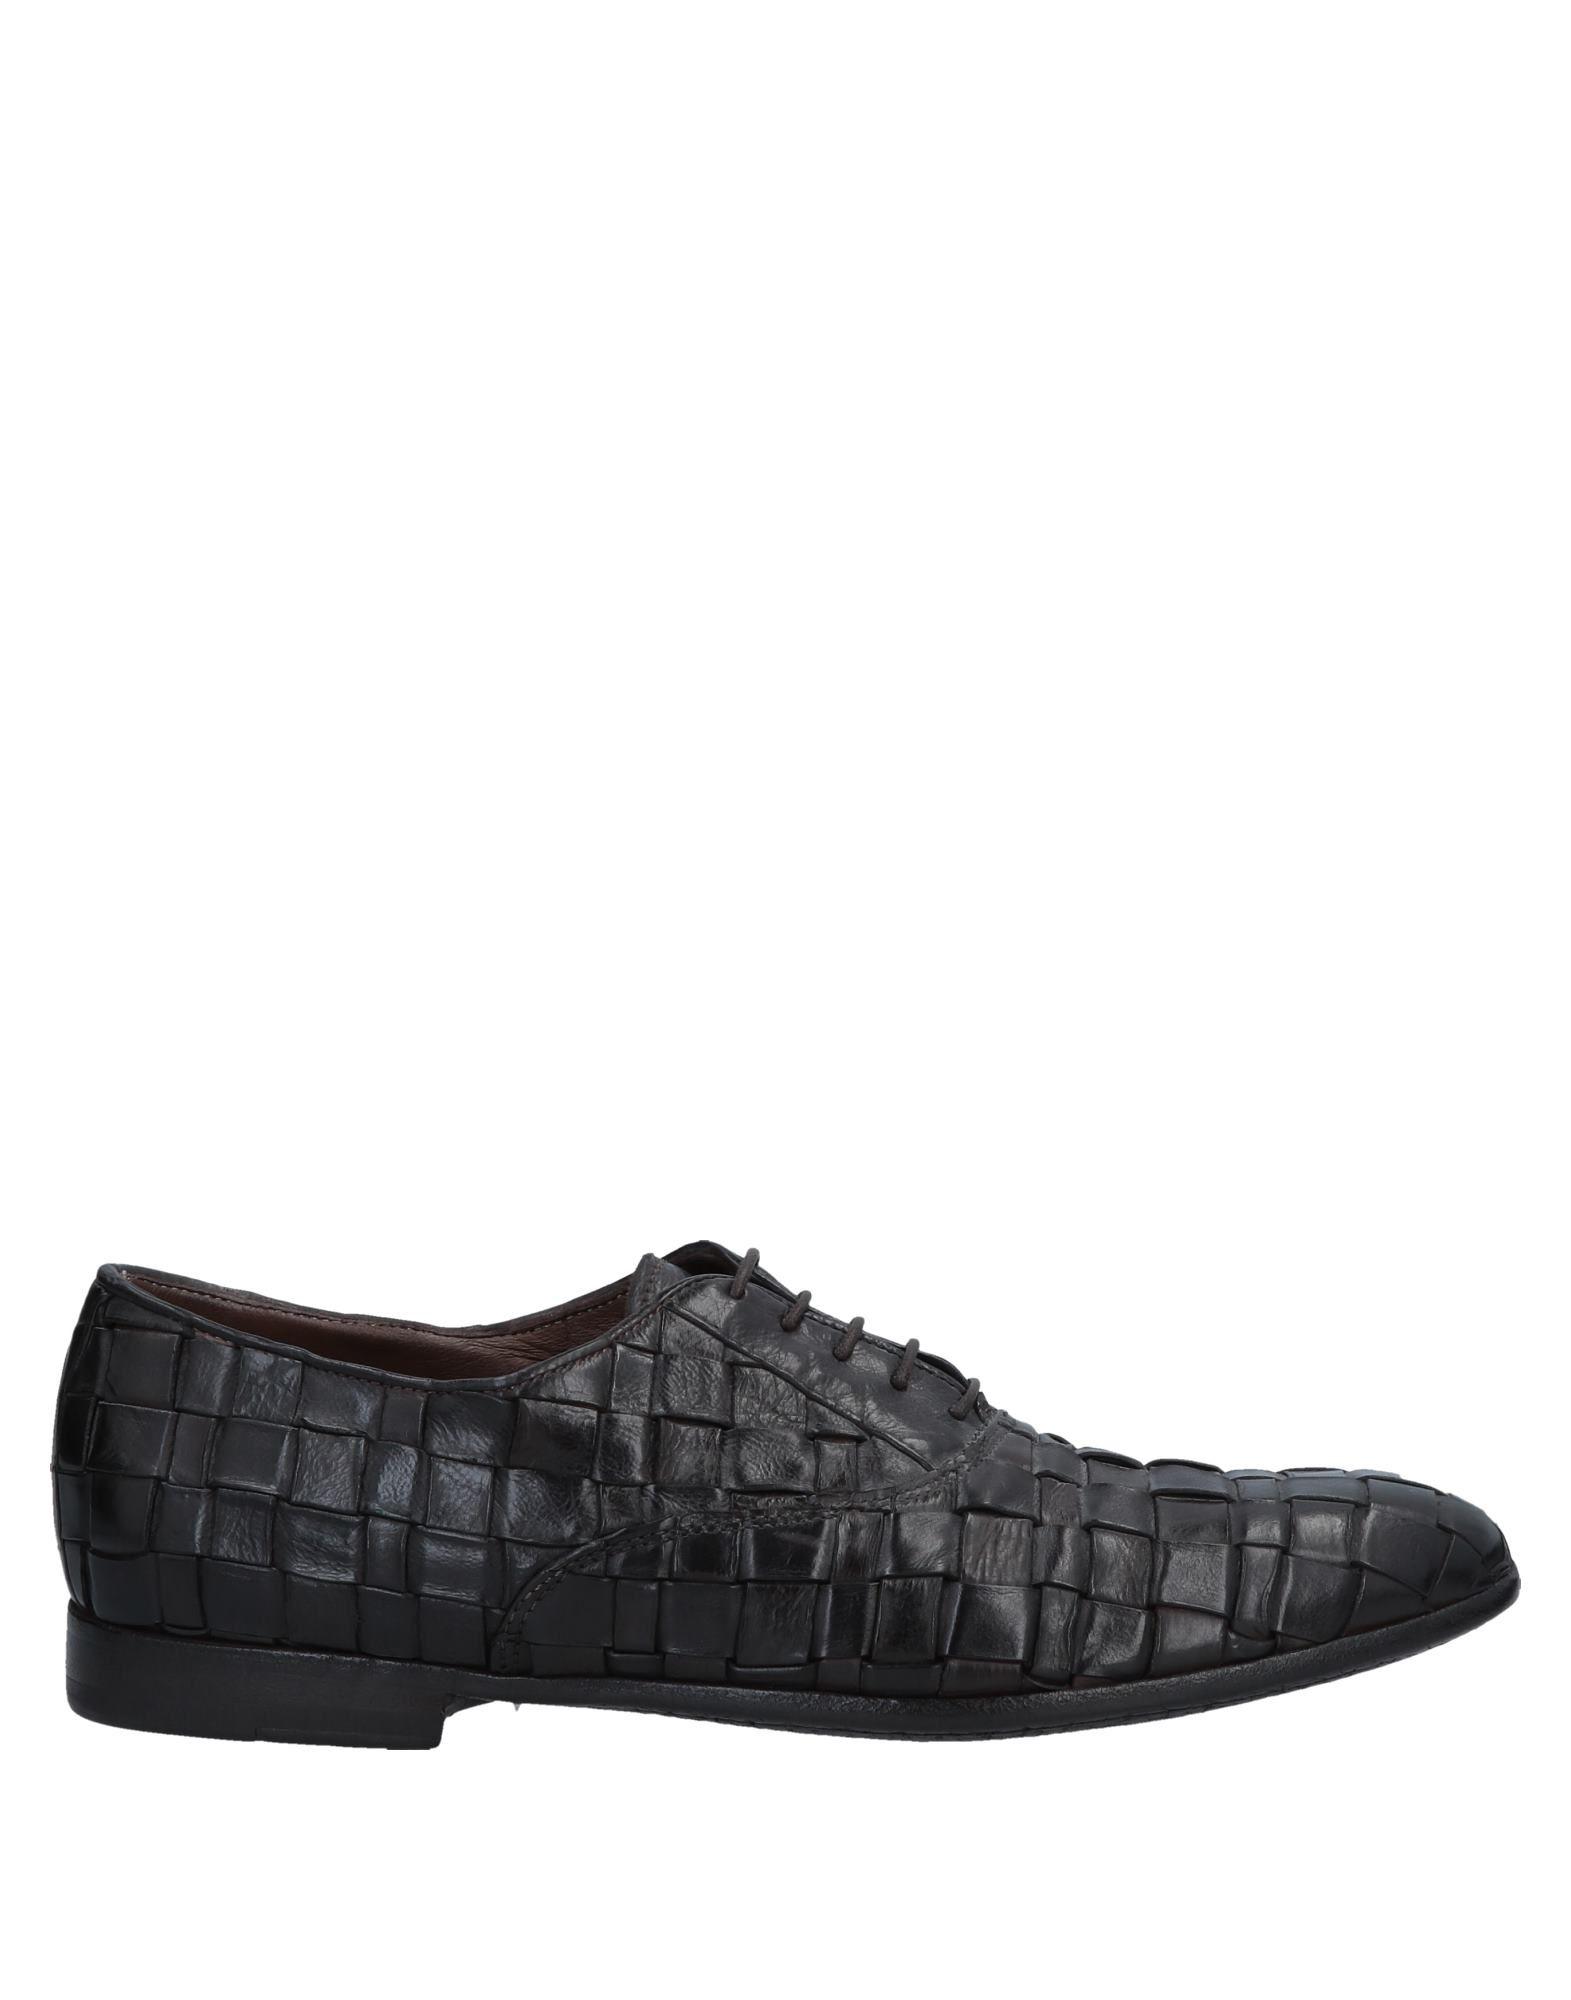 Фото - PREVENTI Обувь на шнурках обувь на высокой платформе dkny